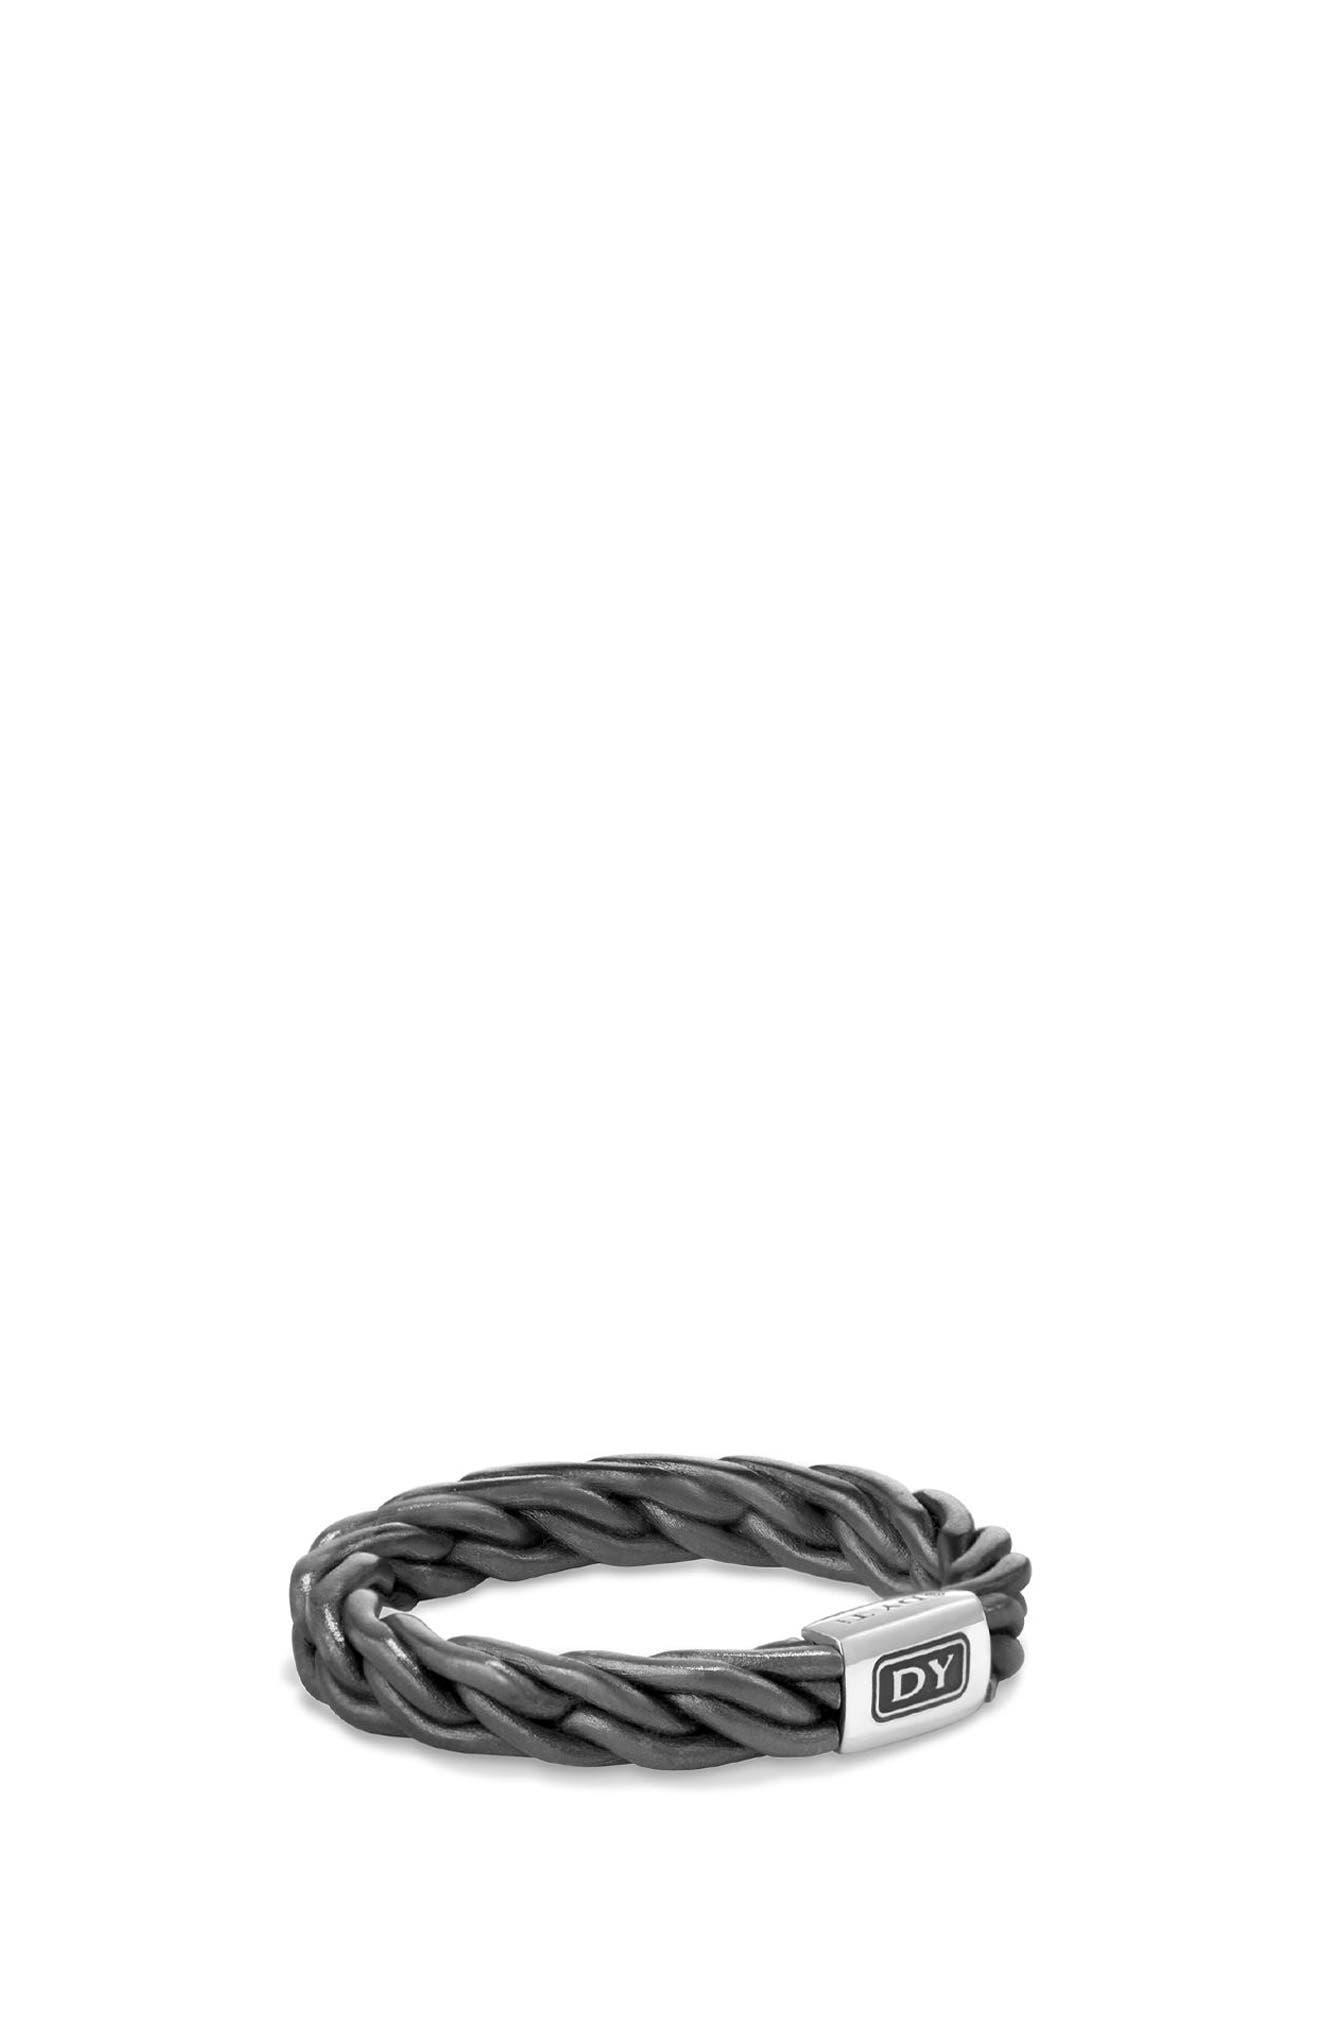 Titanium Band Ring,                         Main,                         color, Gunmetal/ Titanium